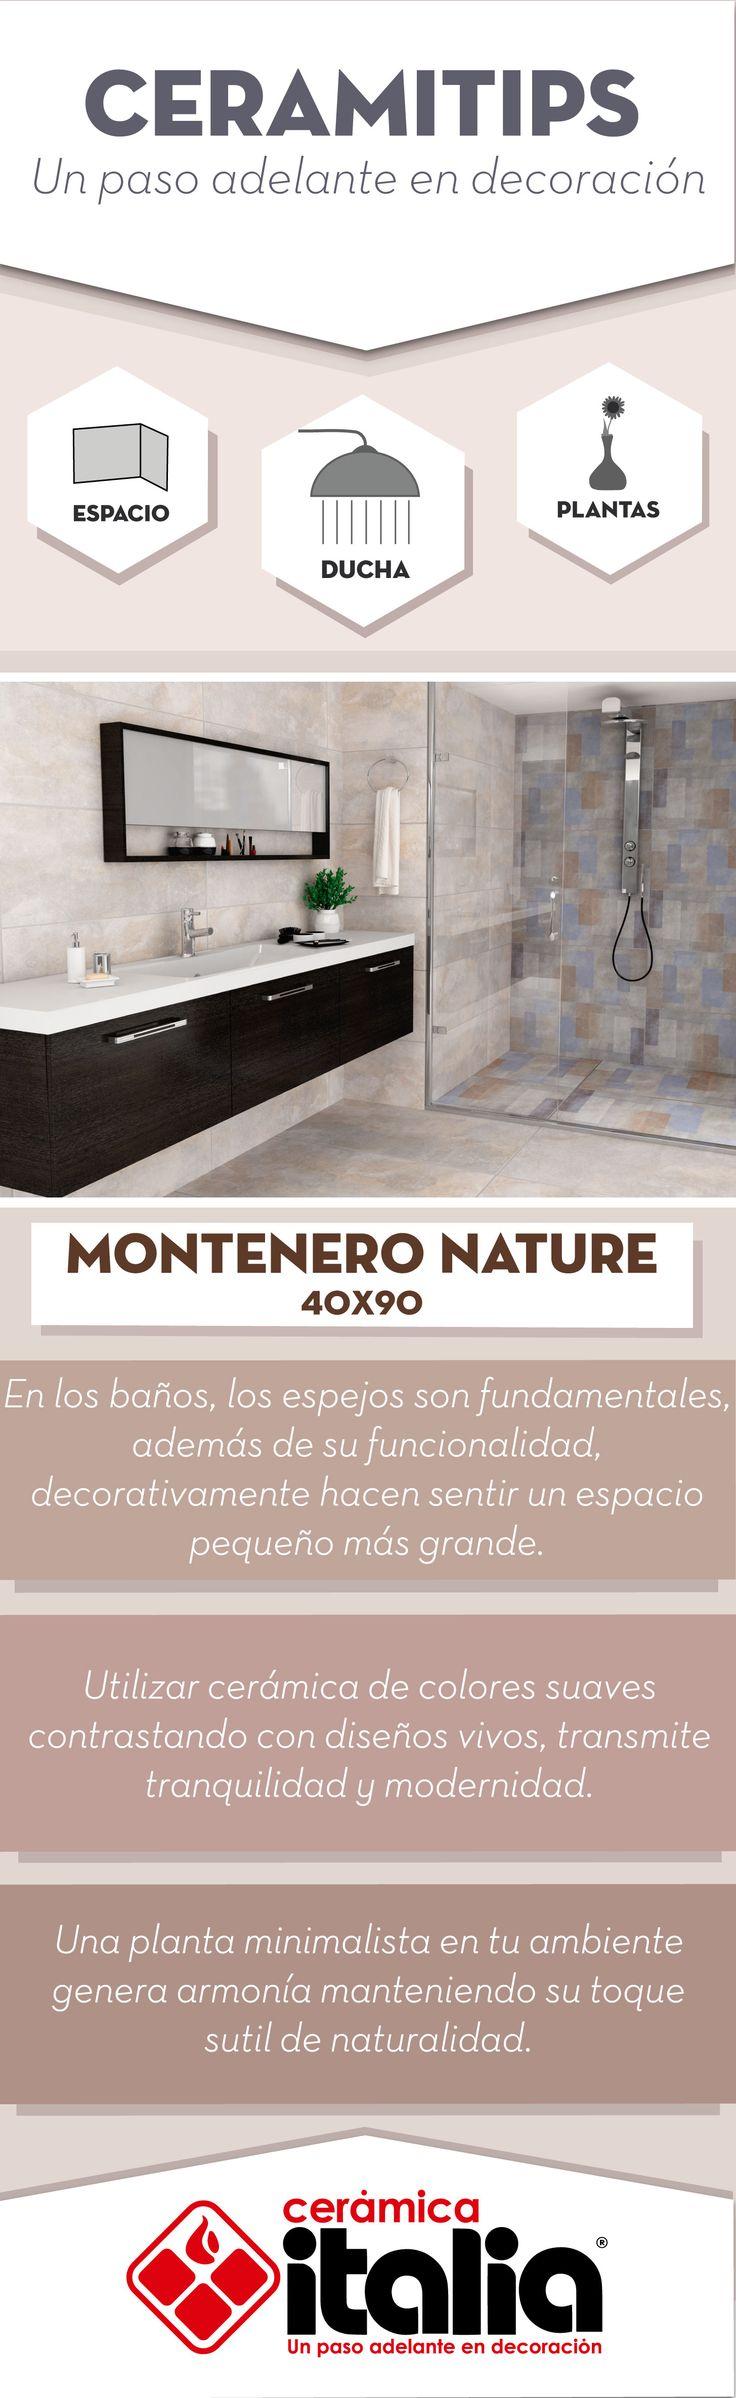 Utiliza cerámica de colores suaves contrastando con diseños vivos, transmite tranquilidad y modernidad. #Baño # bath #Planta # Plant #Violeta # Violet